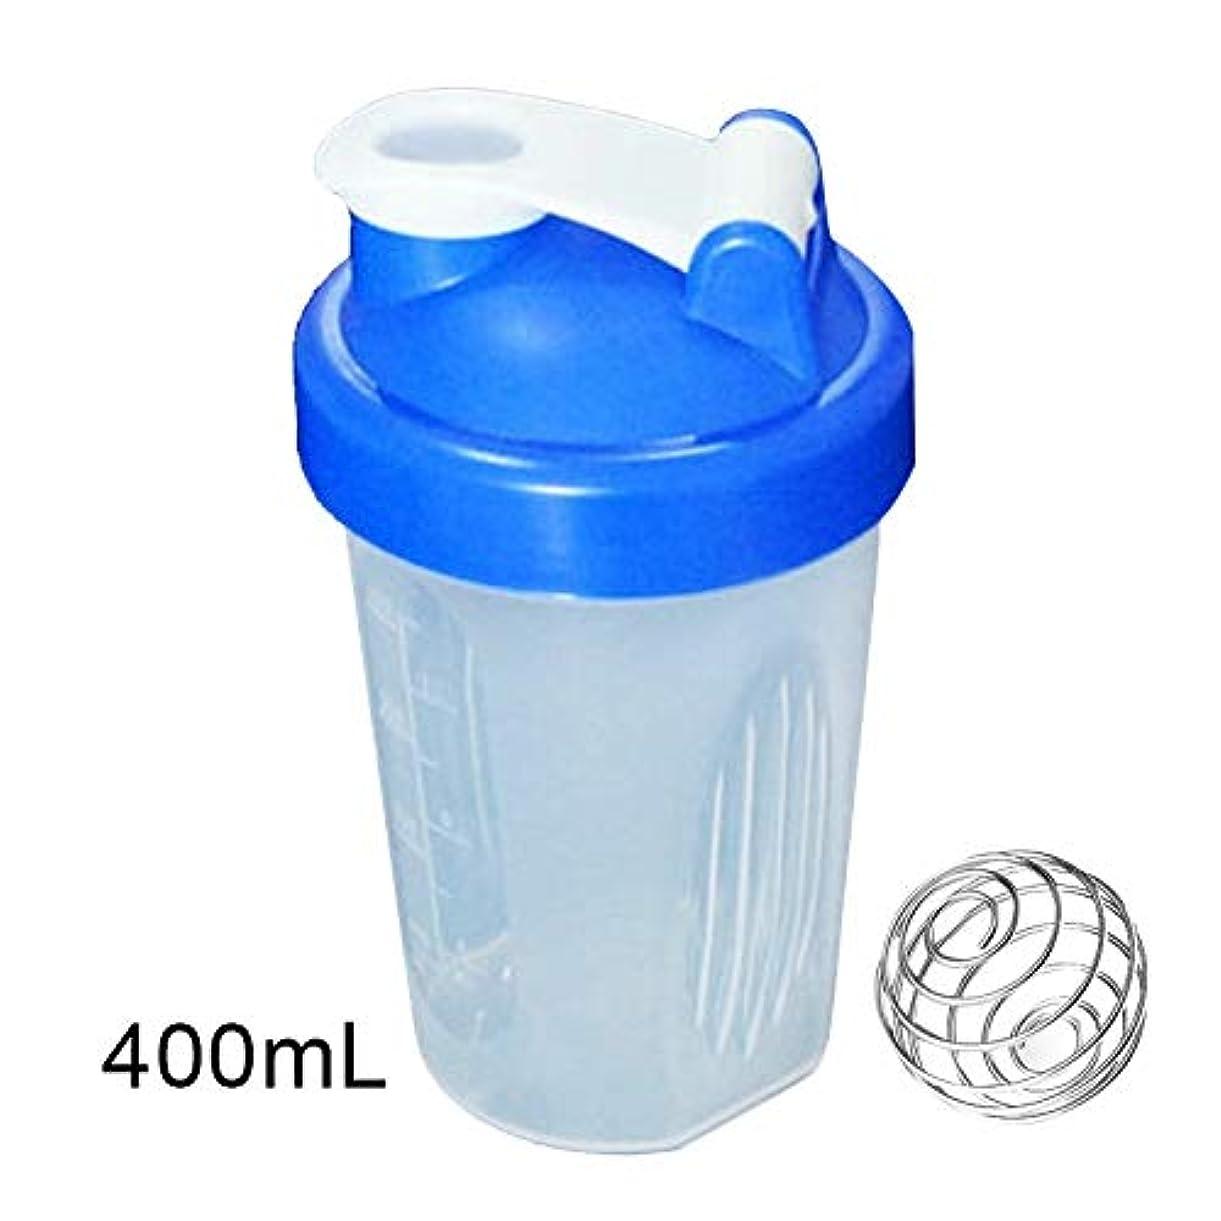 本物の無心器具Tuonar 400 / 600ml蛋白質の粉の混合のコップは感動的な球が付いている漏出防止の振動ボトルを密封しました